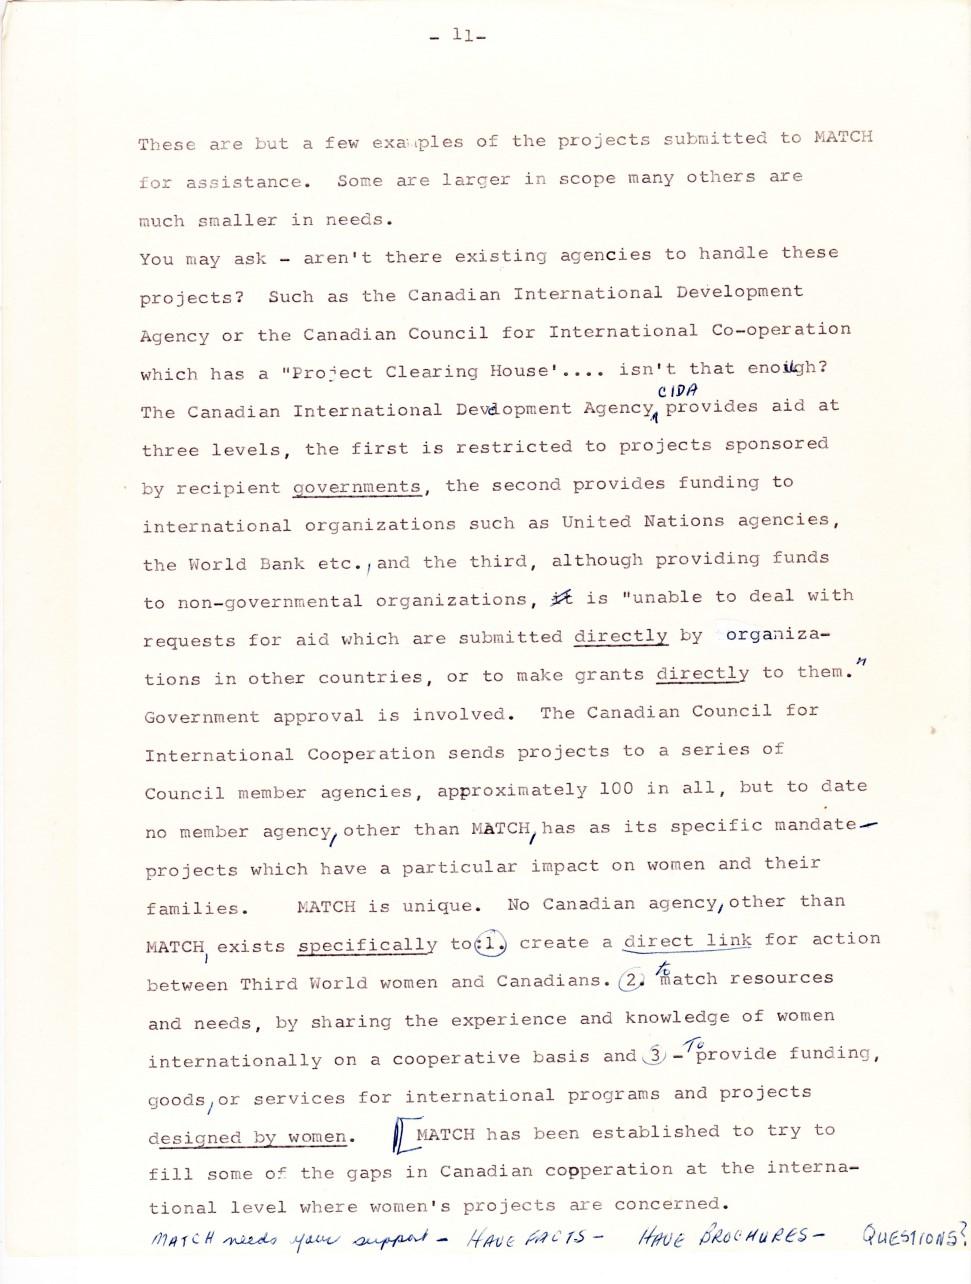 MATCH - Page 11b